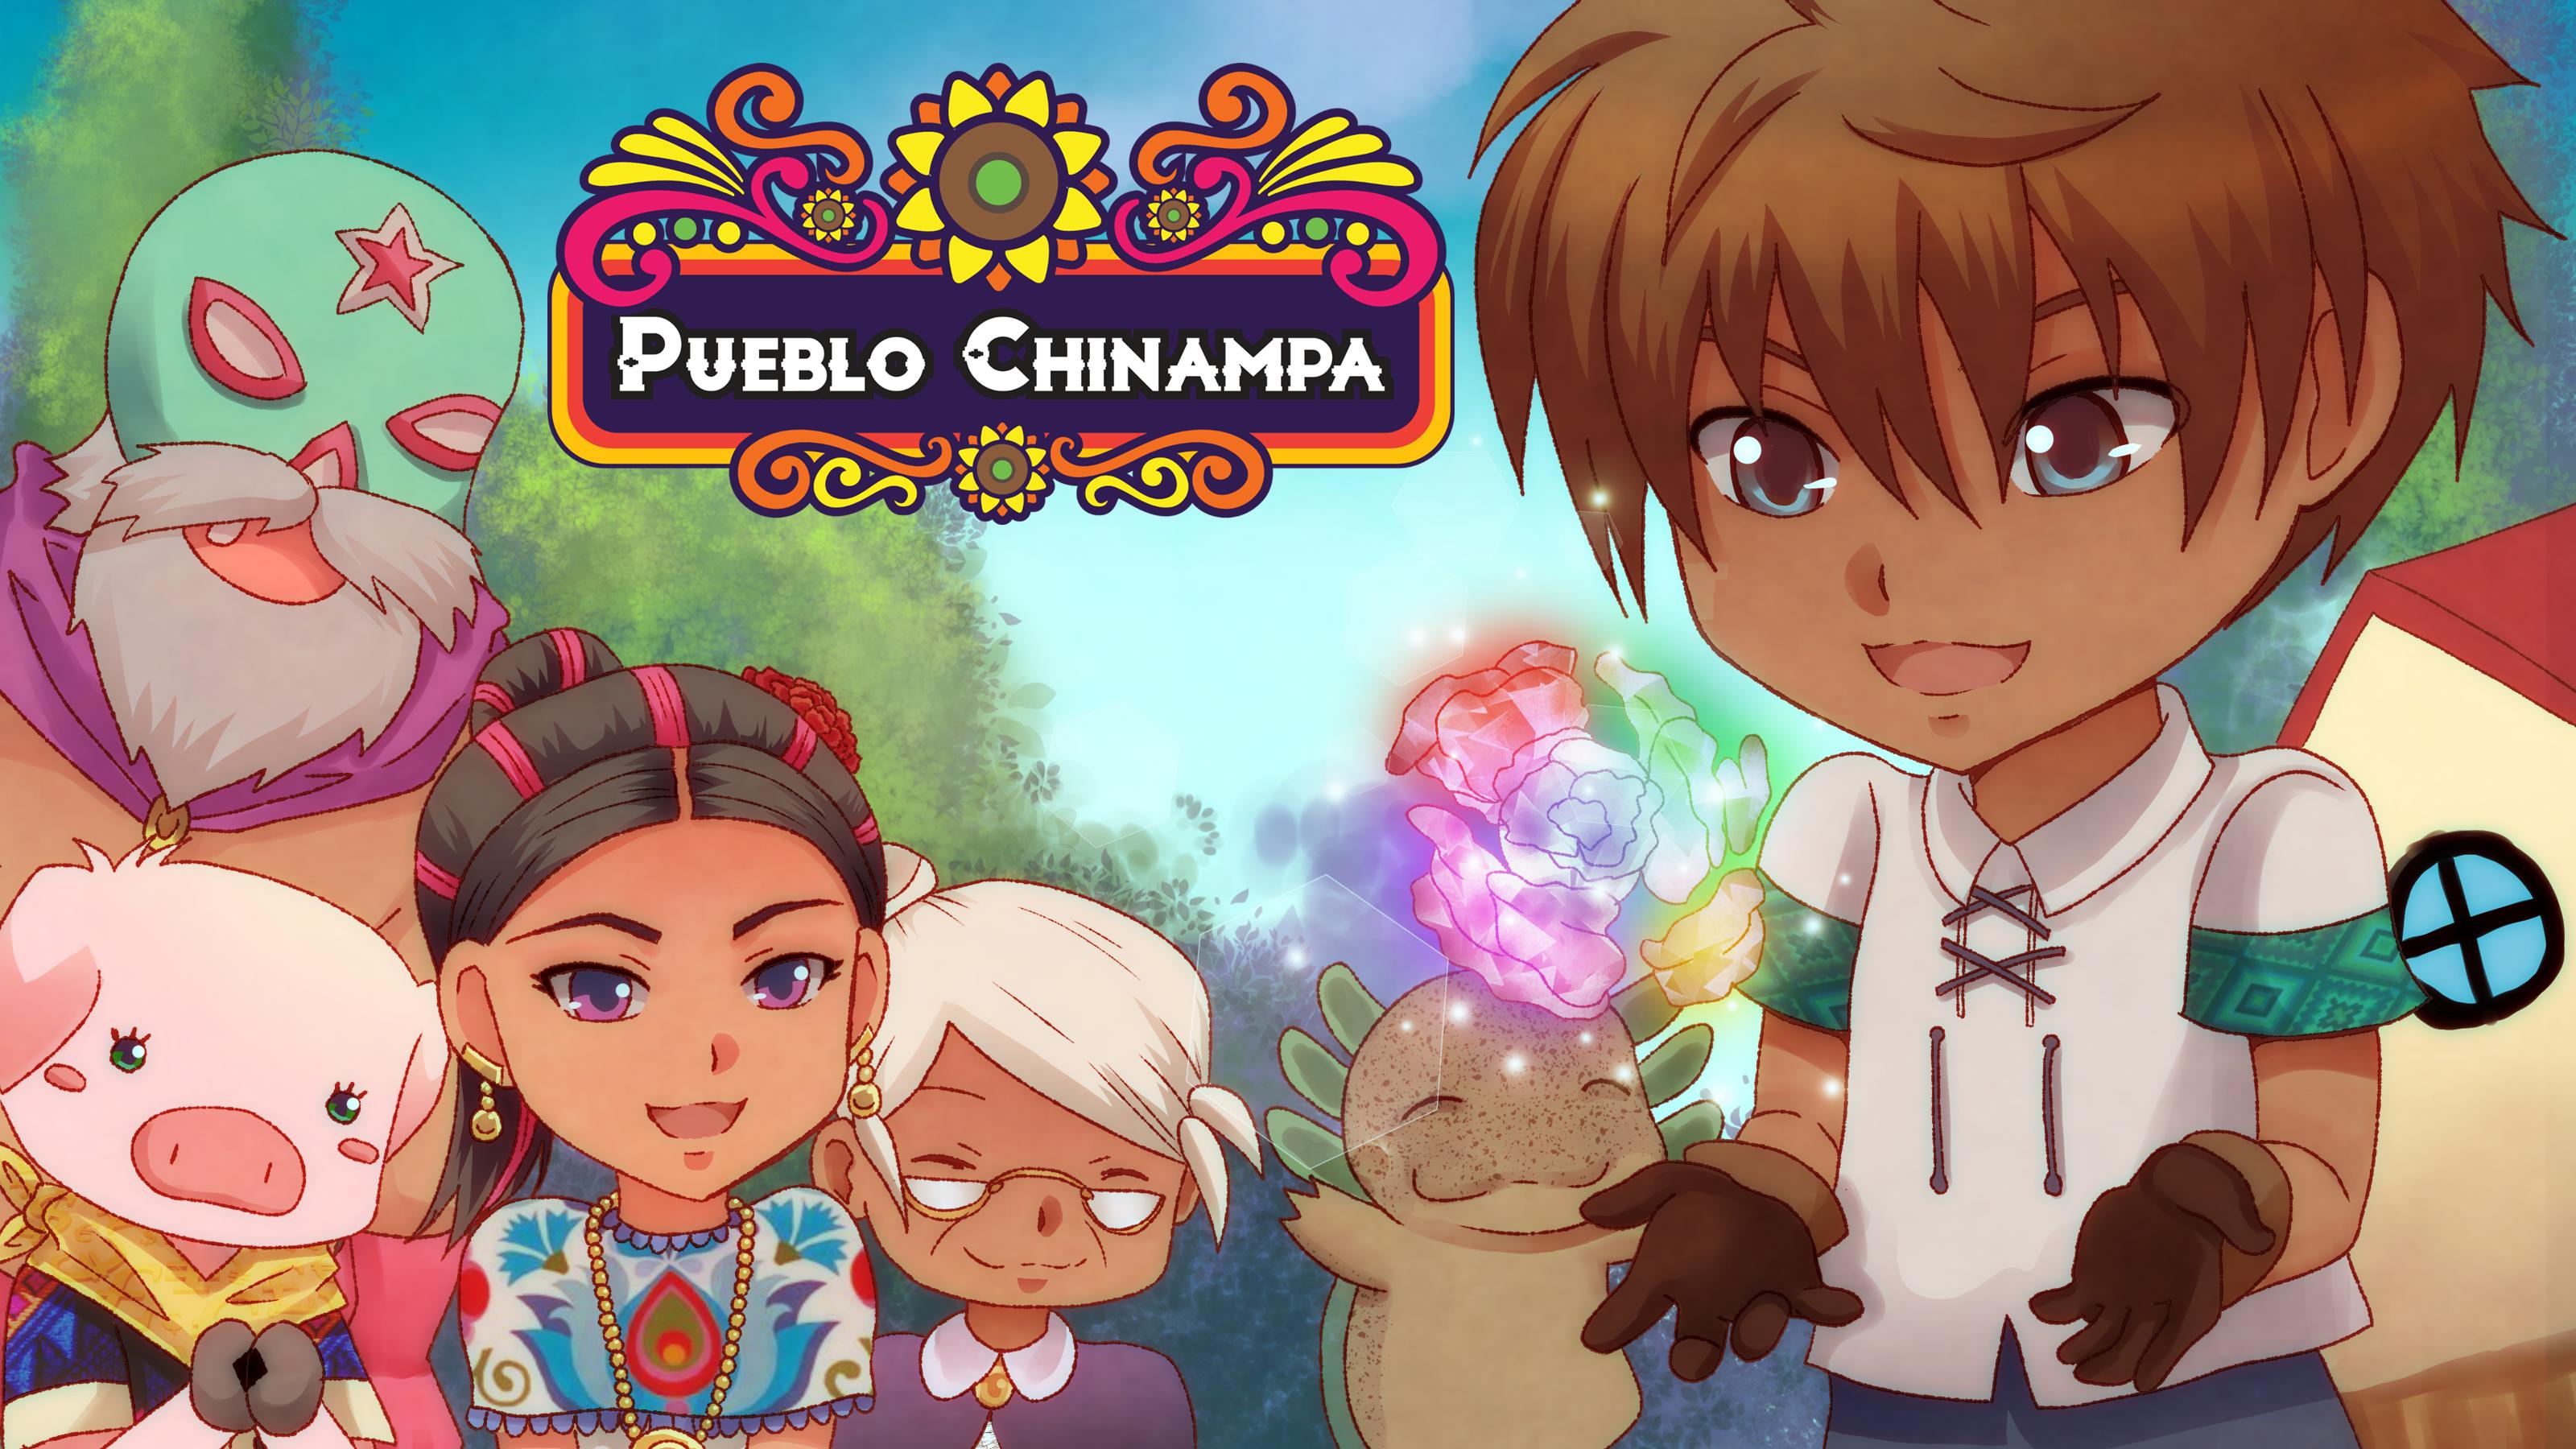 Pueblo Chinampa